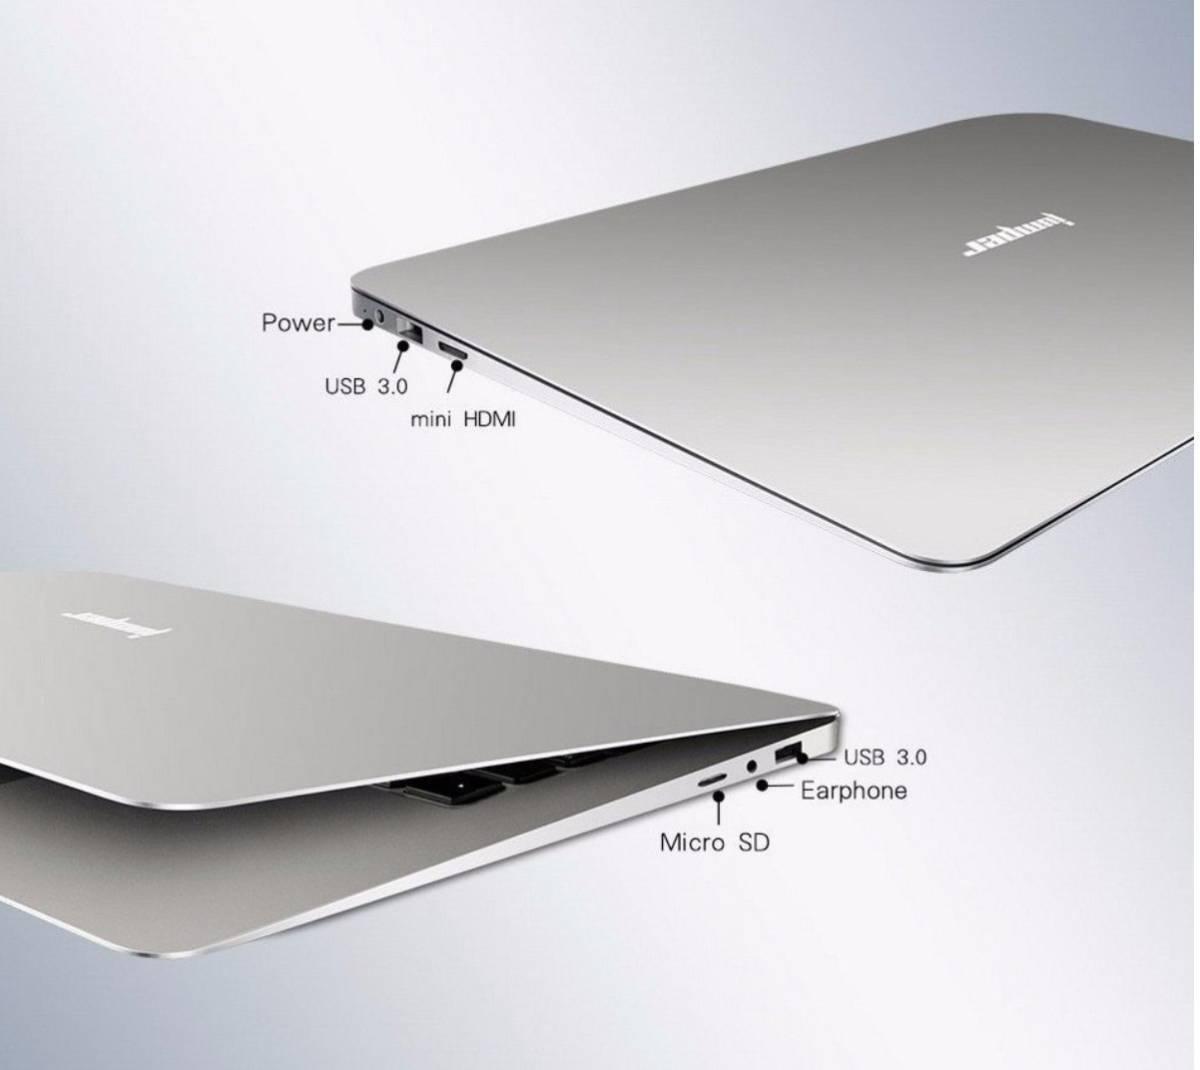 【最安値販売】Laptop Ezbook 2 Ultrabook インテルCHERRY TRAIL X5 Z8350 シルバー 14.0インチ Windows 10 【領収書発行可能】_画像8